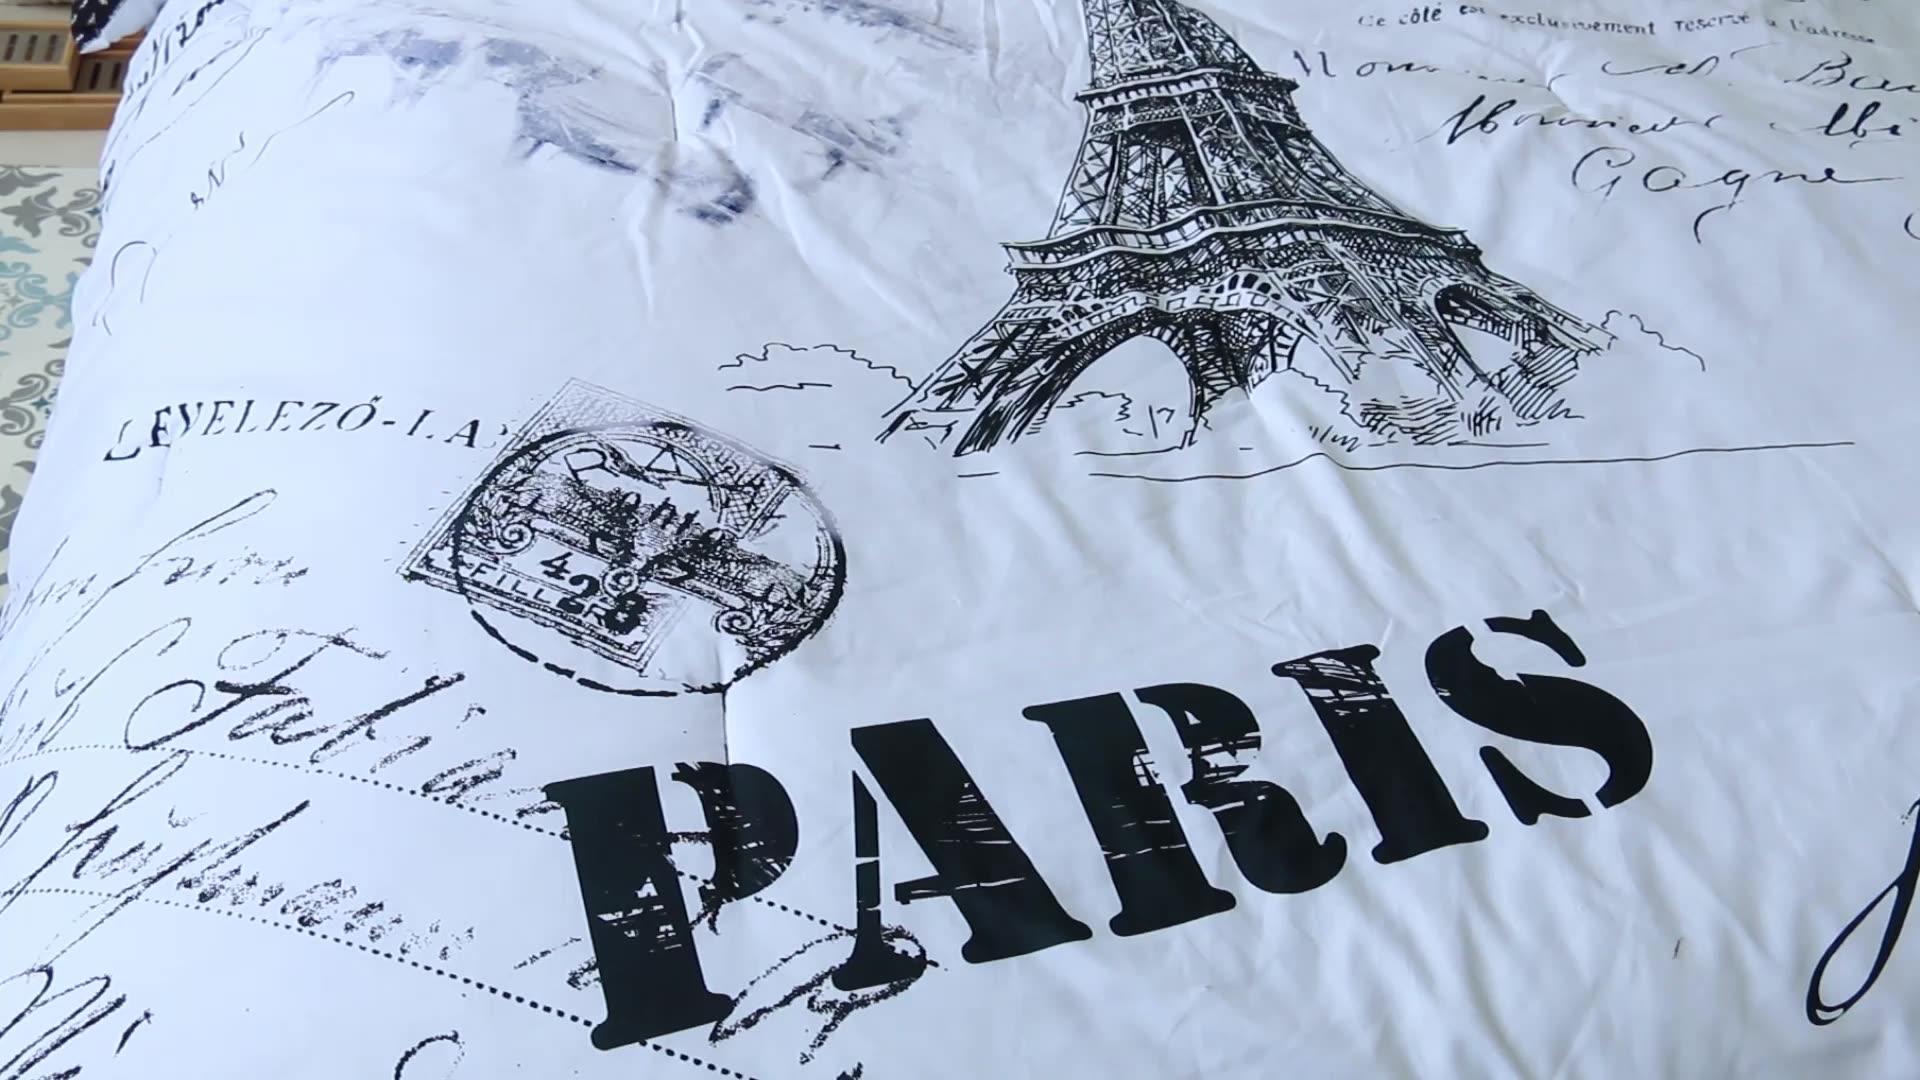 Alle Saison Mikrofaser Bettwäsche und Blatt Weiß Weich und Bequem 8 Stück Tröster Set Gedruckt Paris Stil